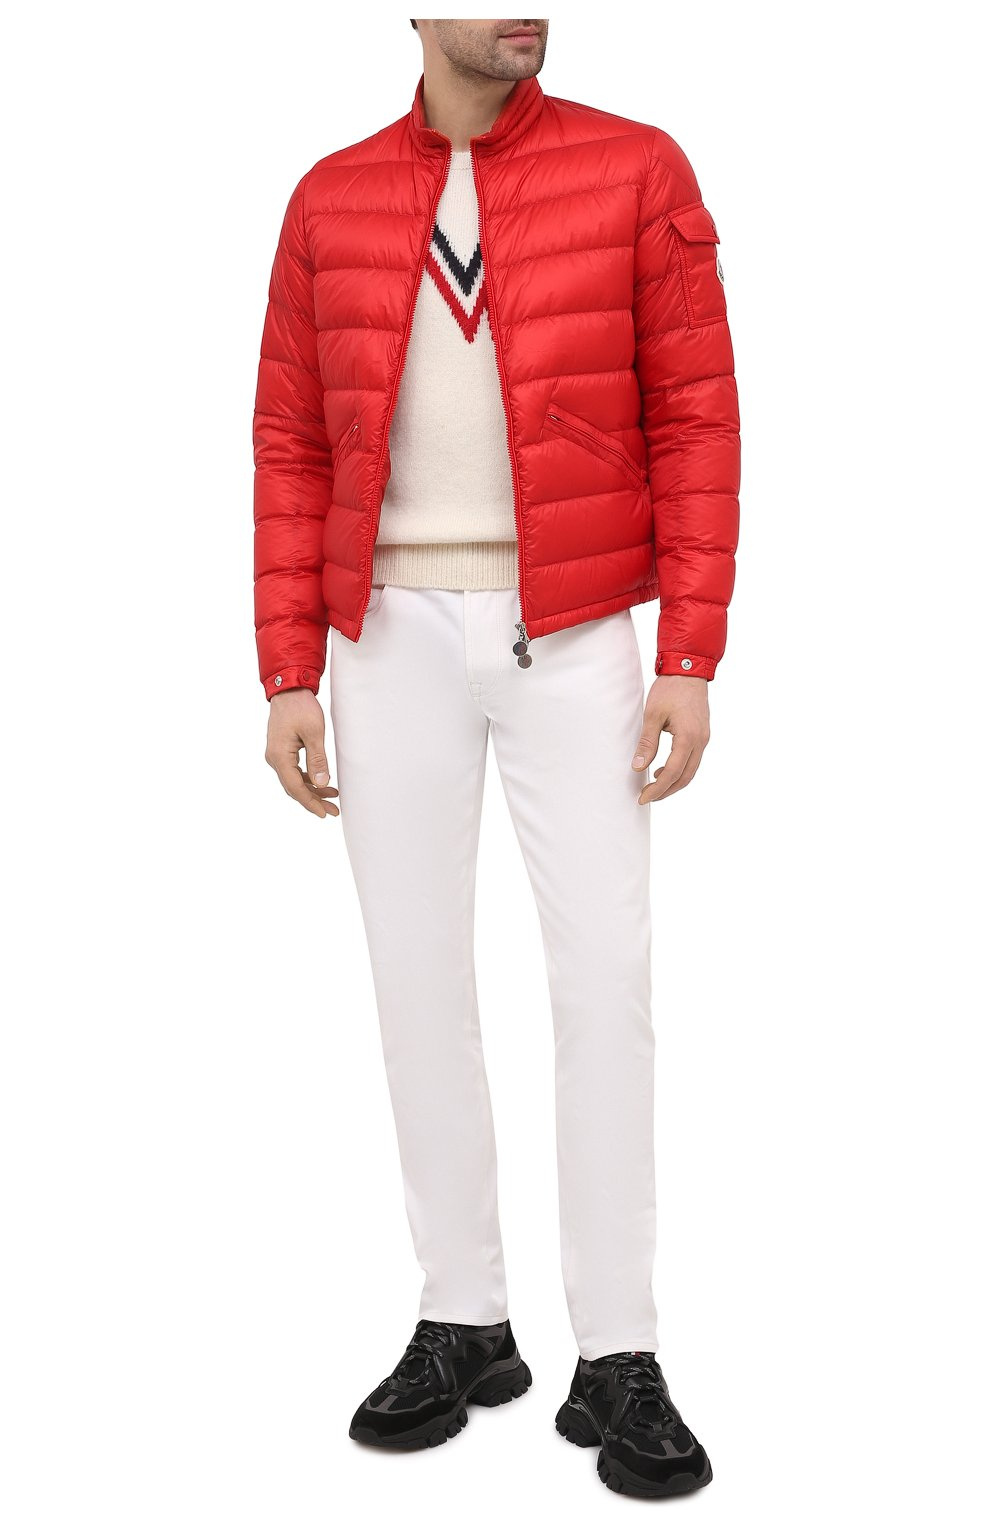 Мужская пуховая куртка agay MONCLER красного цвета, арт. G1-091-1A110-00-53279   Фото 2 (Кросс-КТ: Куртка; Мужское Кросс-КТ: пуховик-короткий; Рукава: Длинные; Материал внешний: Синтетический материал; Материал подклада: Синтетический материал; Длина (верхняя одежда): Короткие; Стили: Кэжуэл)